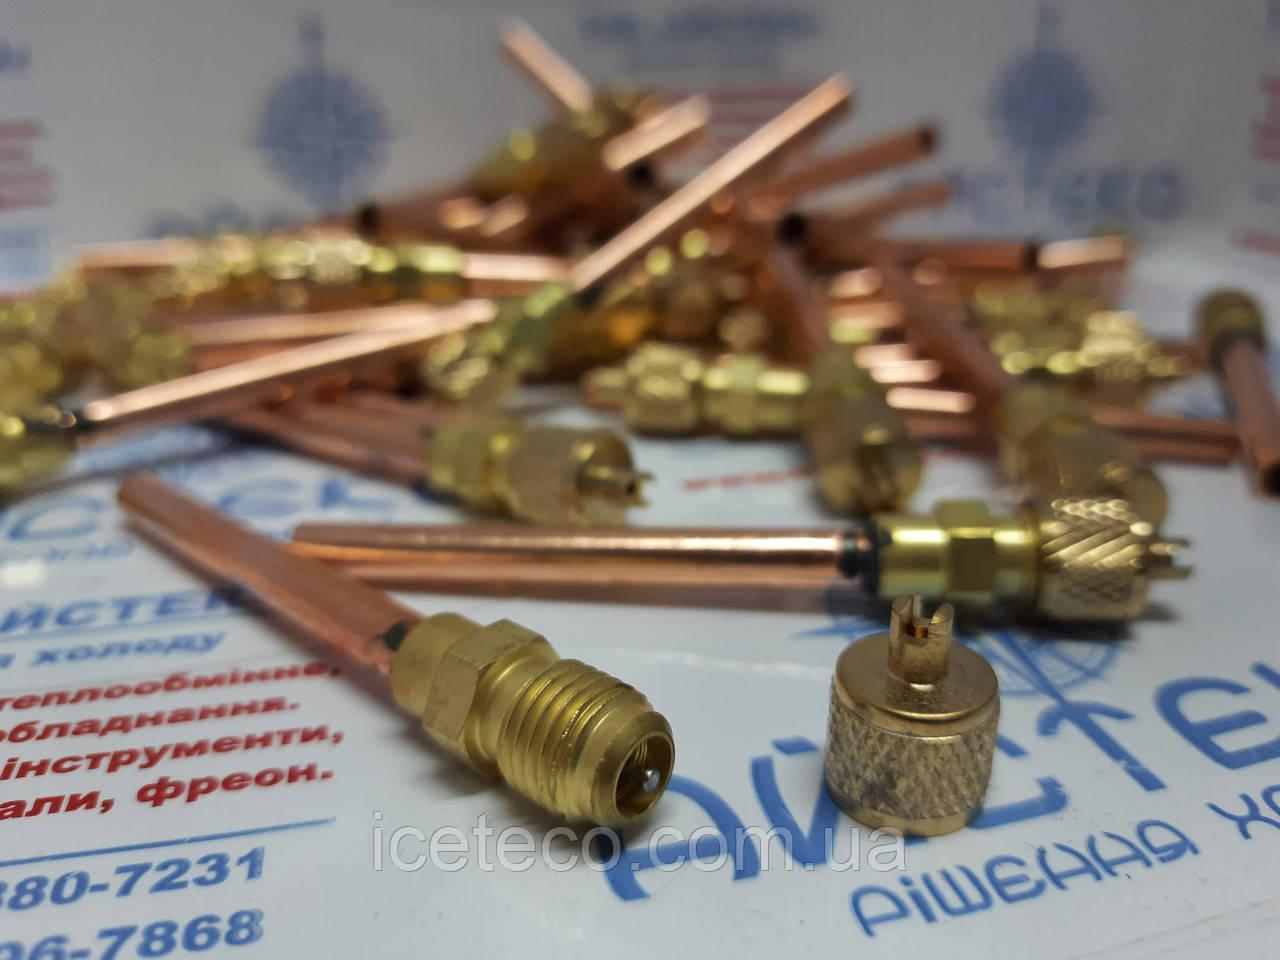 """Вентили типа Шредер с резьбой 1/4"""" SAE и трубкой 60 мм. заправочный штуцер)"""